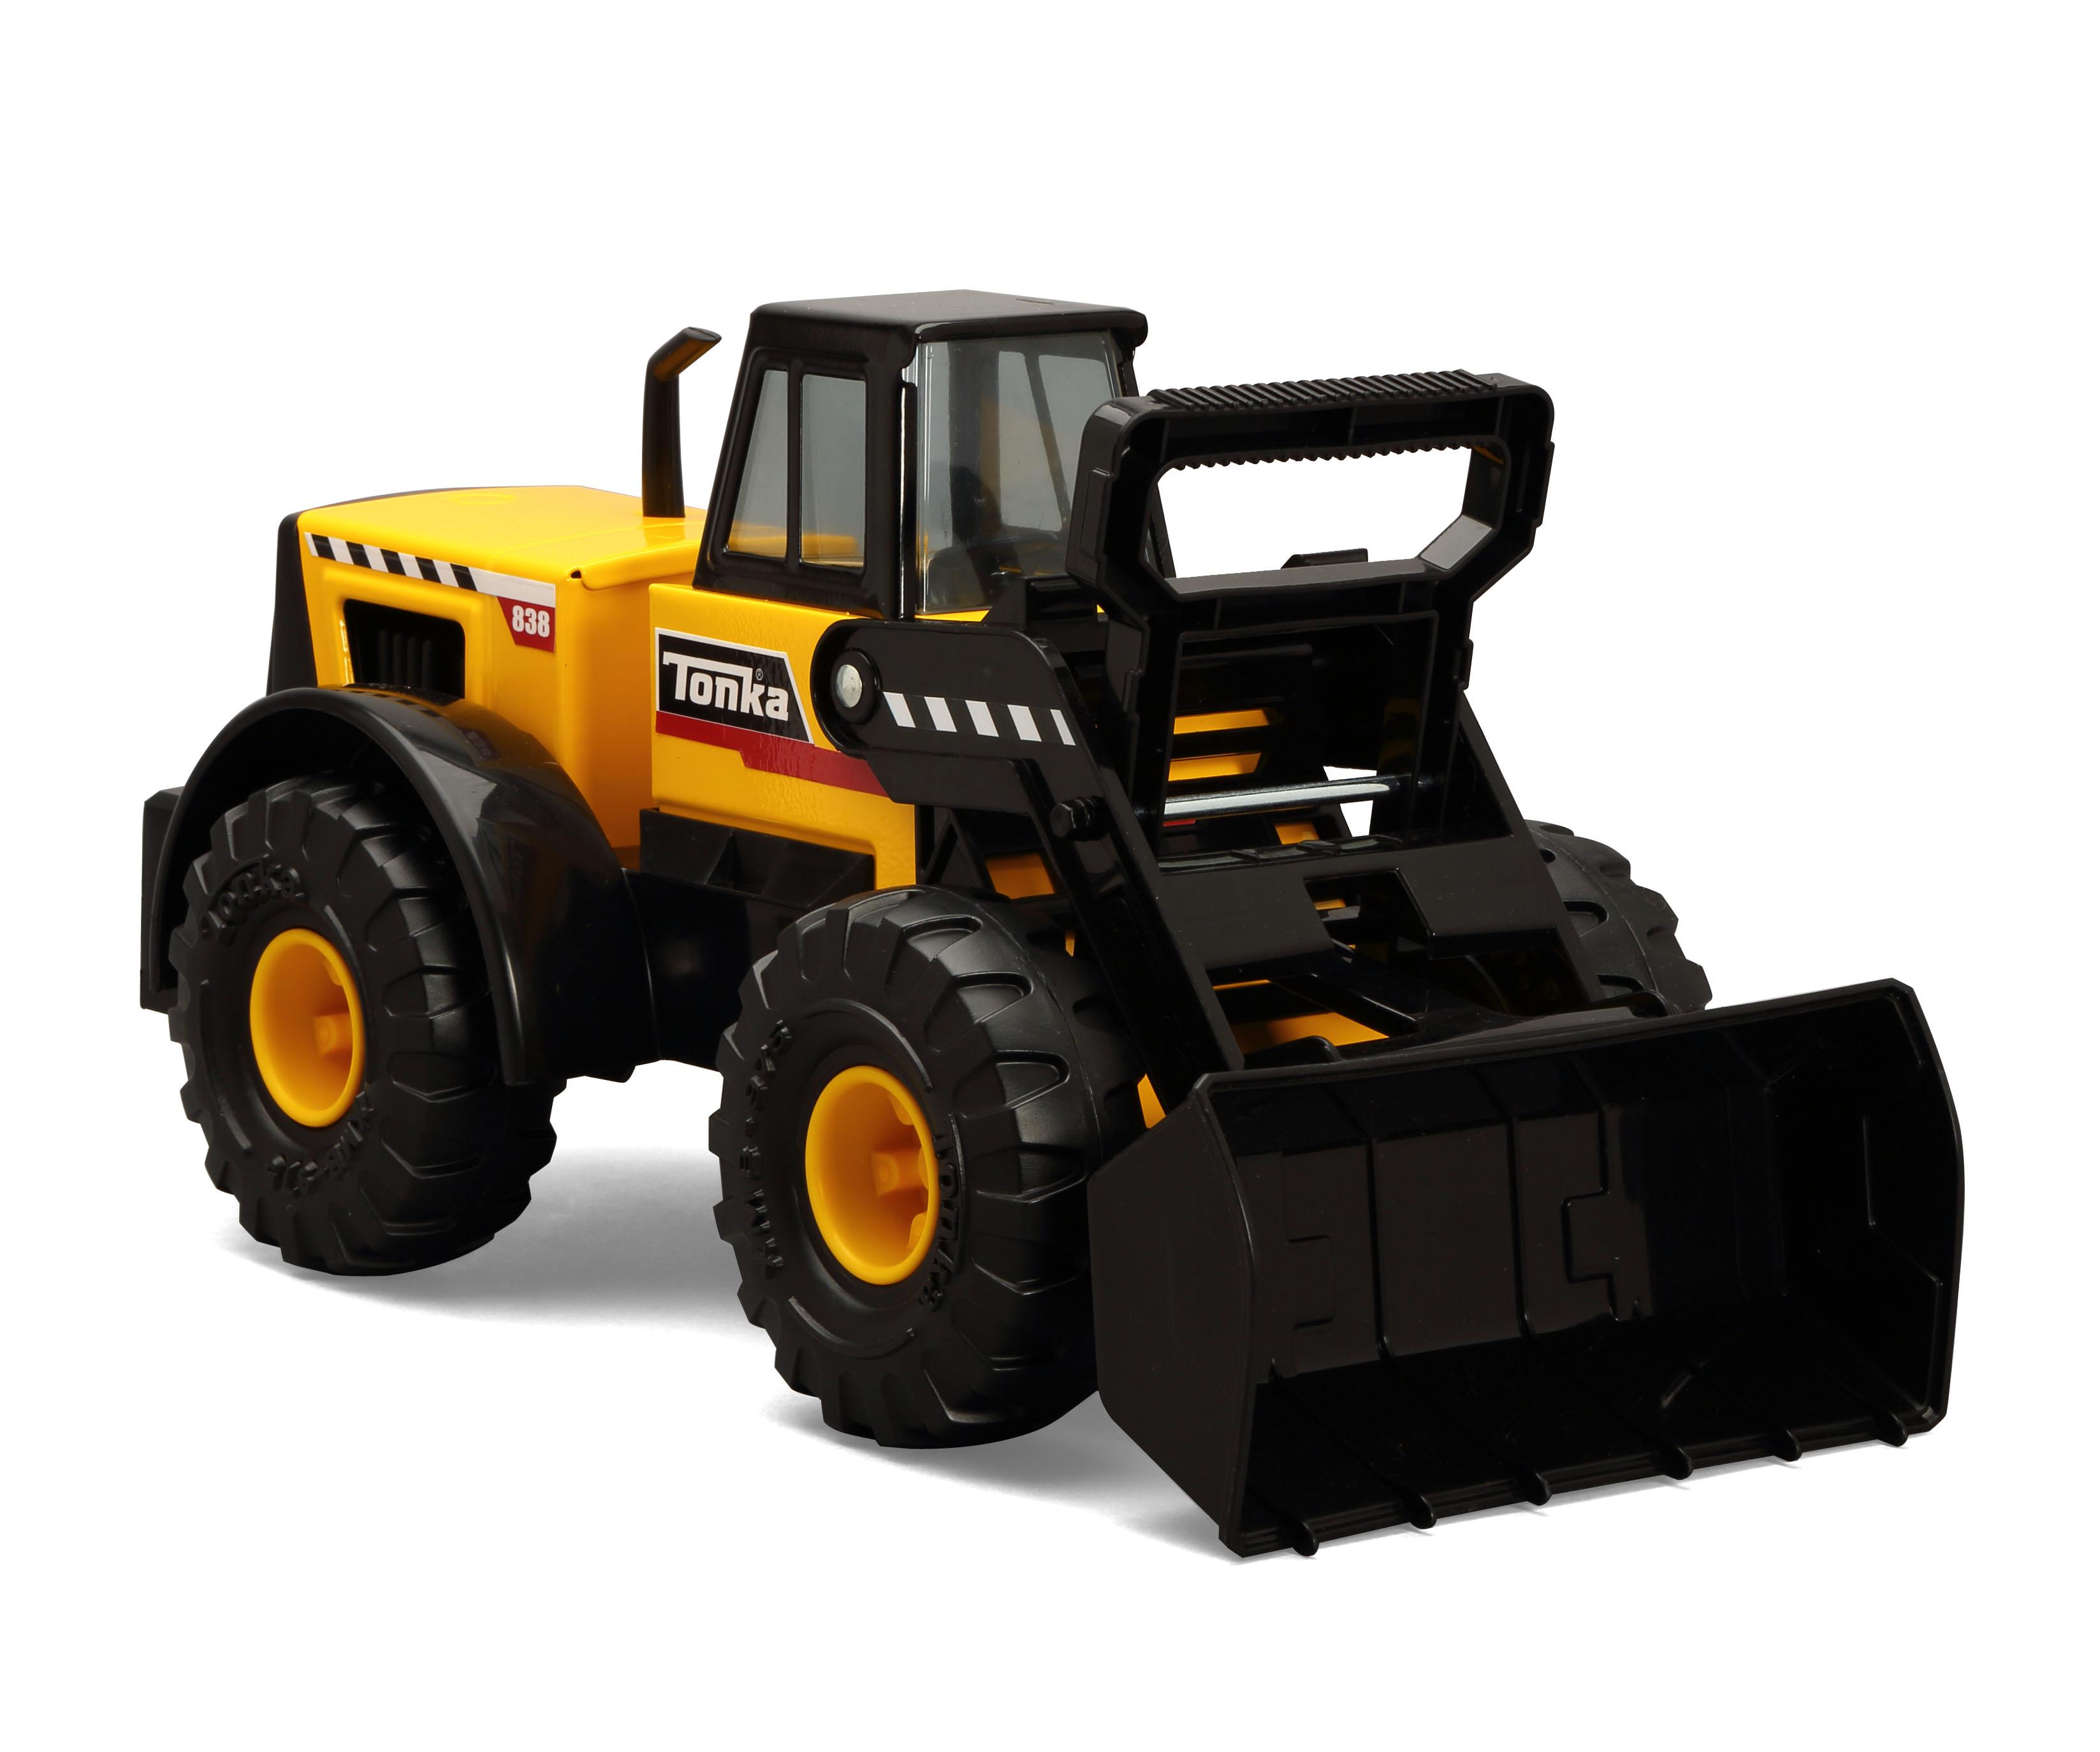 Tonka Steel; camiones de juguete garantizados de por vida 4